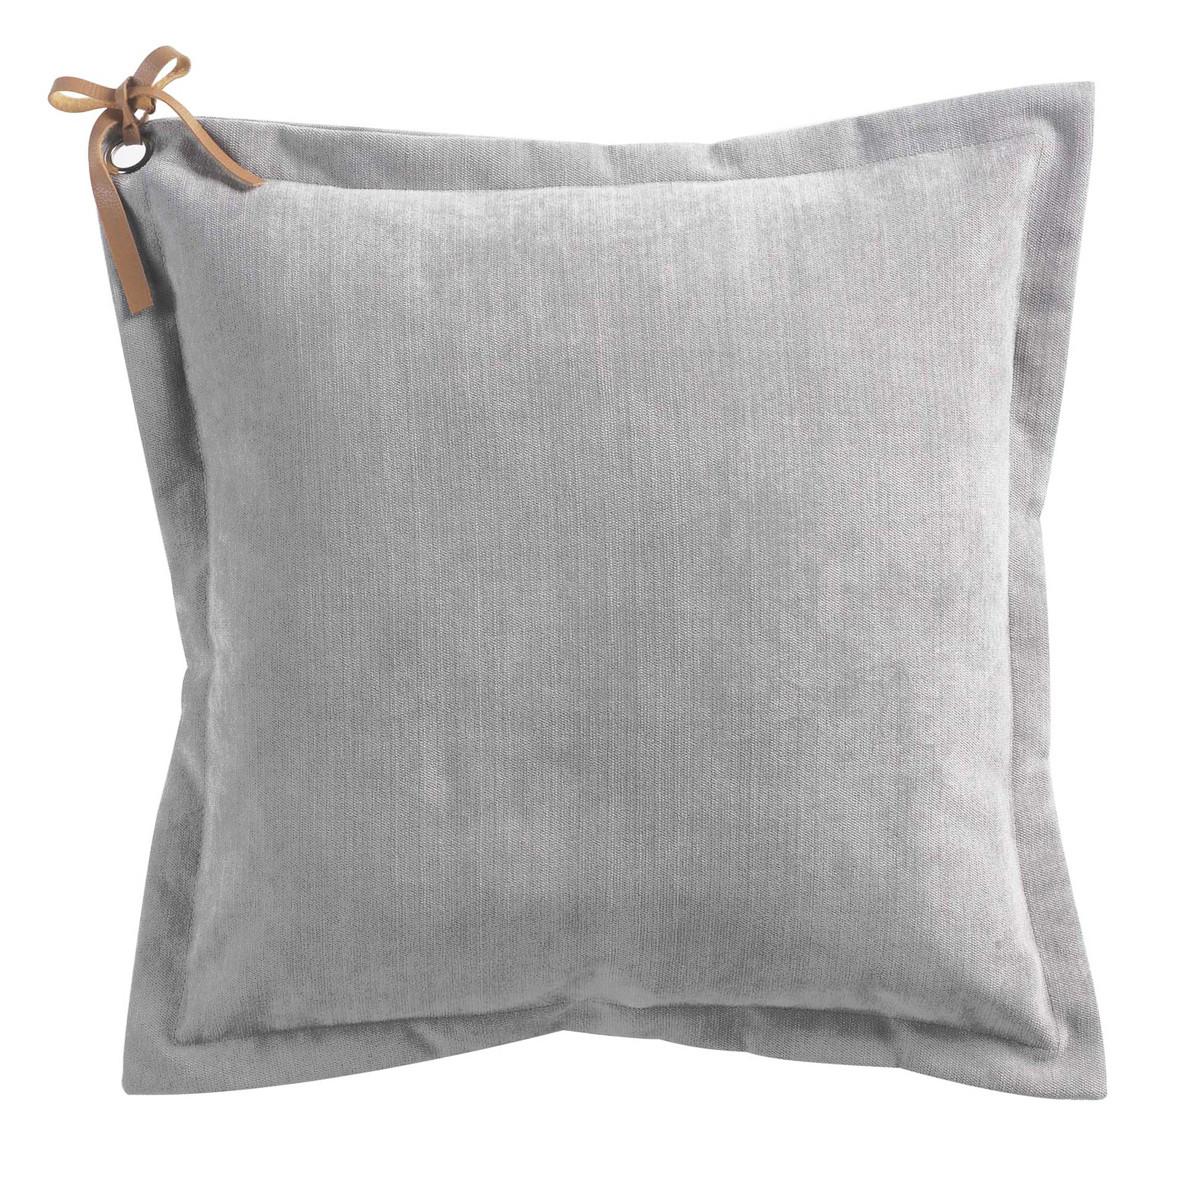 Διακοσμητικό Μαξιλάρι (40×40) Veloutine Gris 1608136